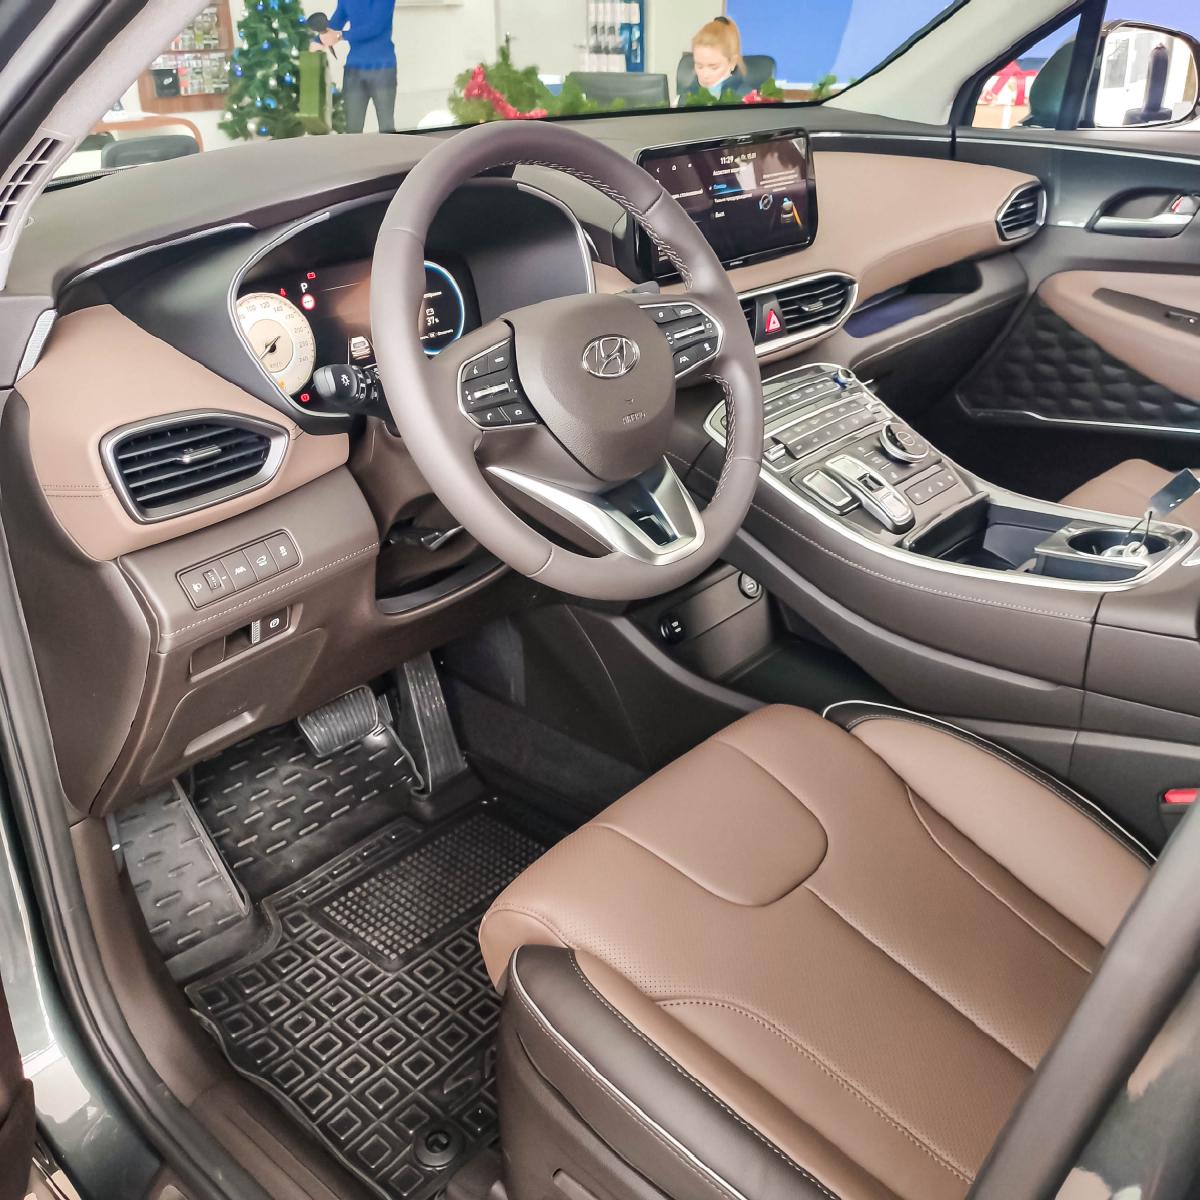 Якби комфорт і розкіш можна було б описати - це був би Hyundai Santa Fe! | Хюндай Мотор Україна - фото 9